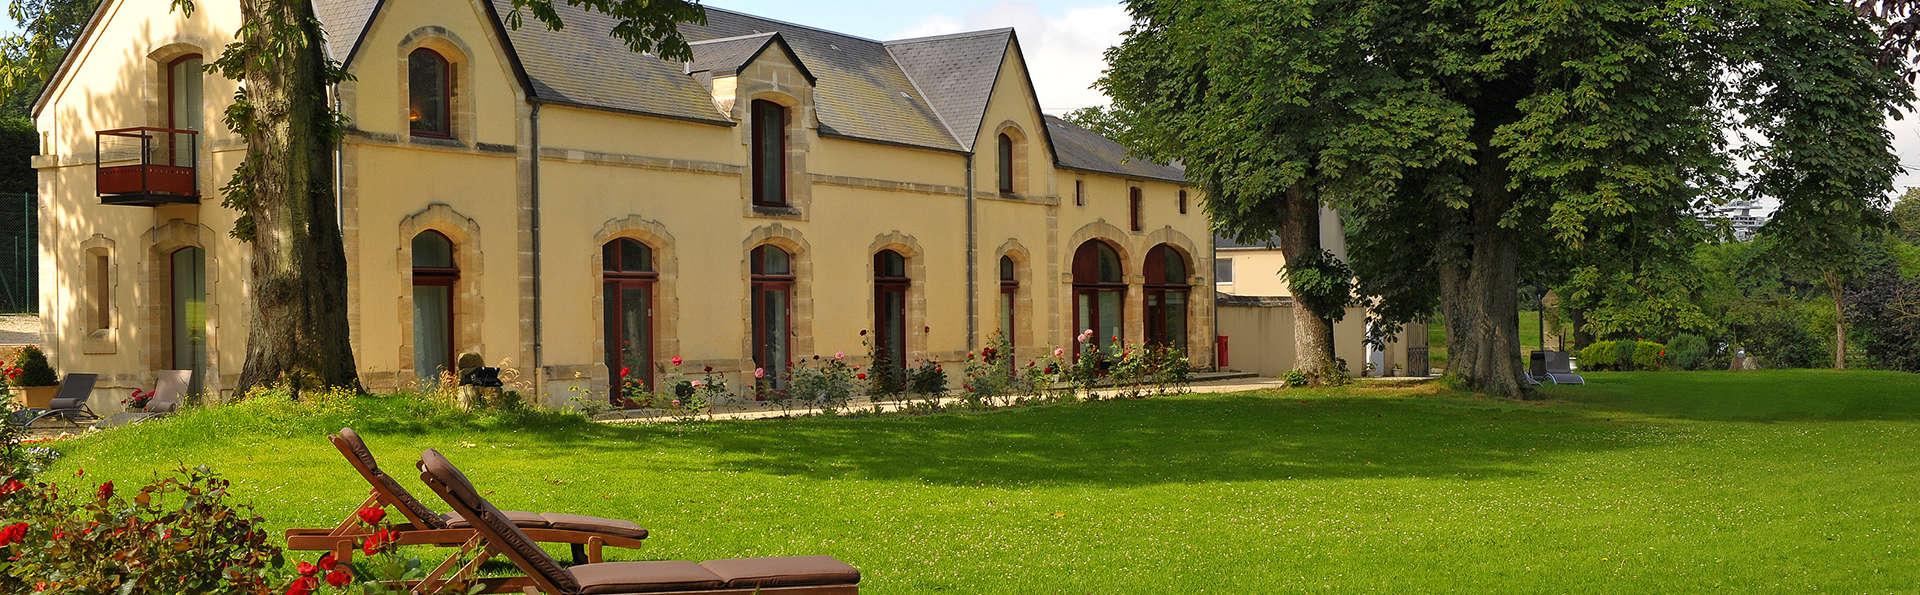 Château de Bellefontaine  - EDIT_front1.jpg